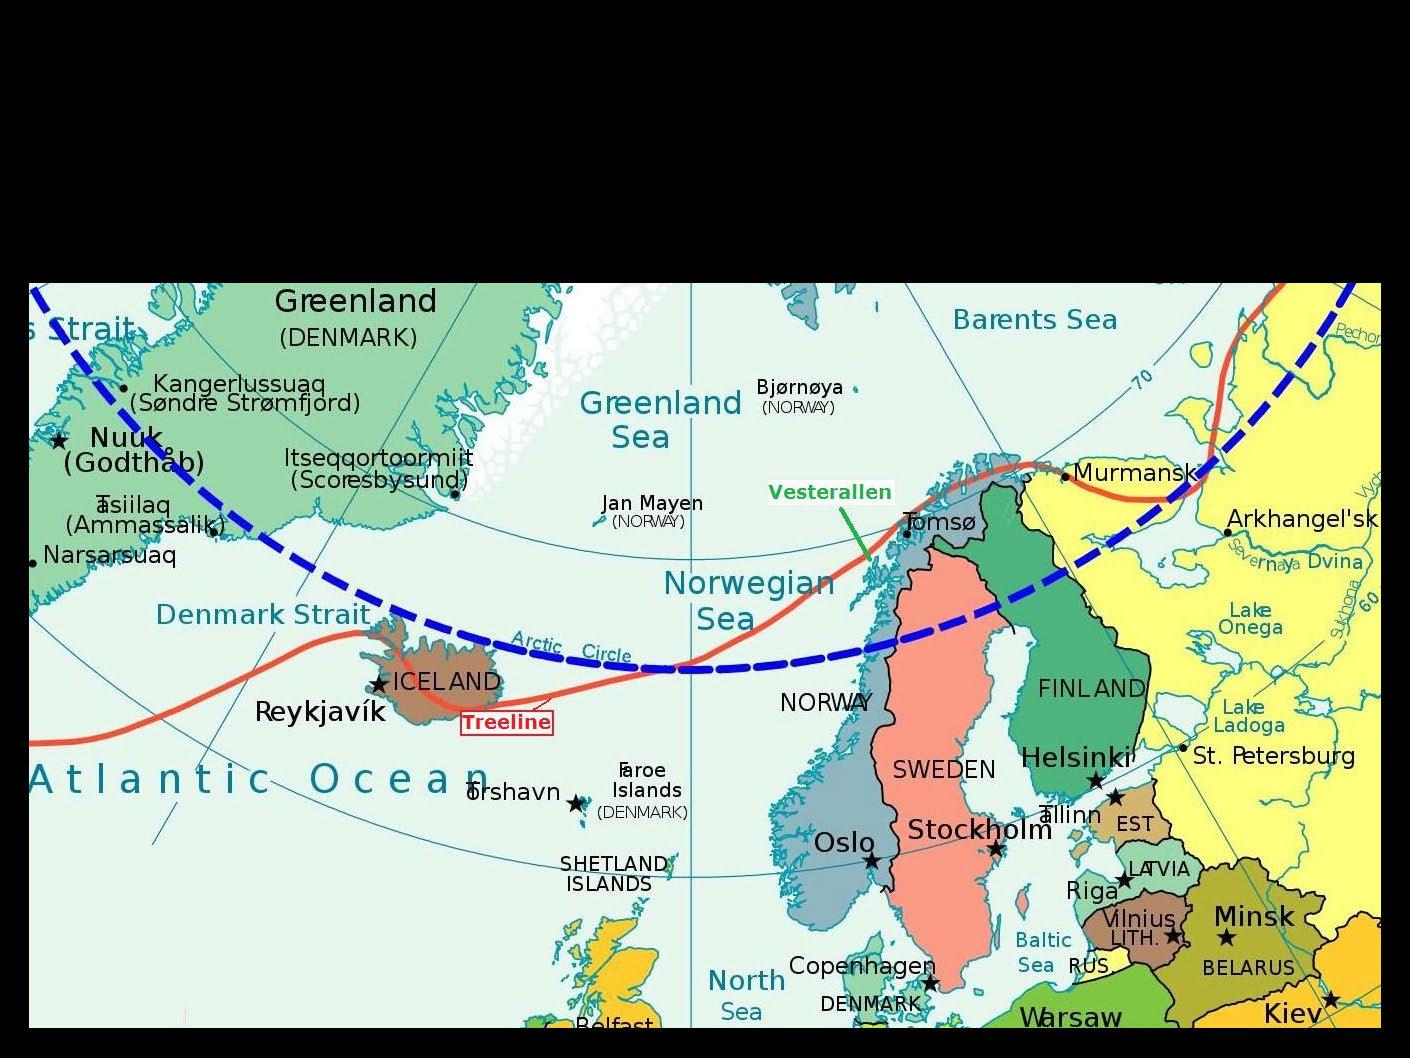 Norway_Page_21.jpg